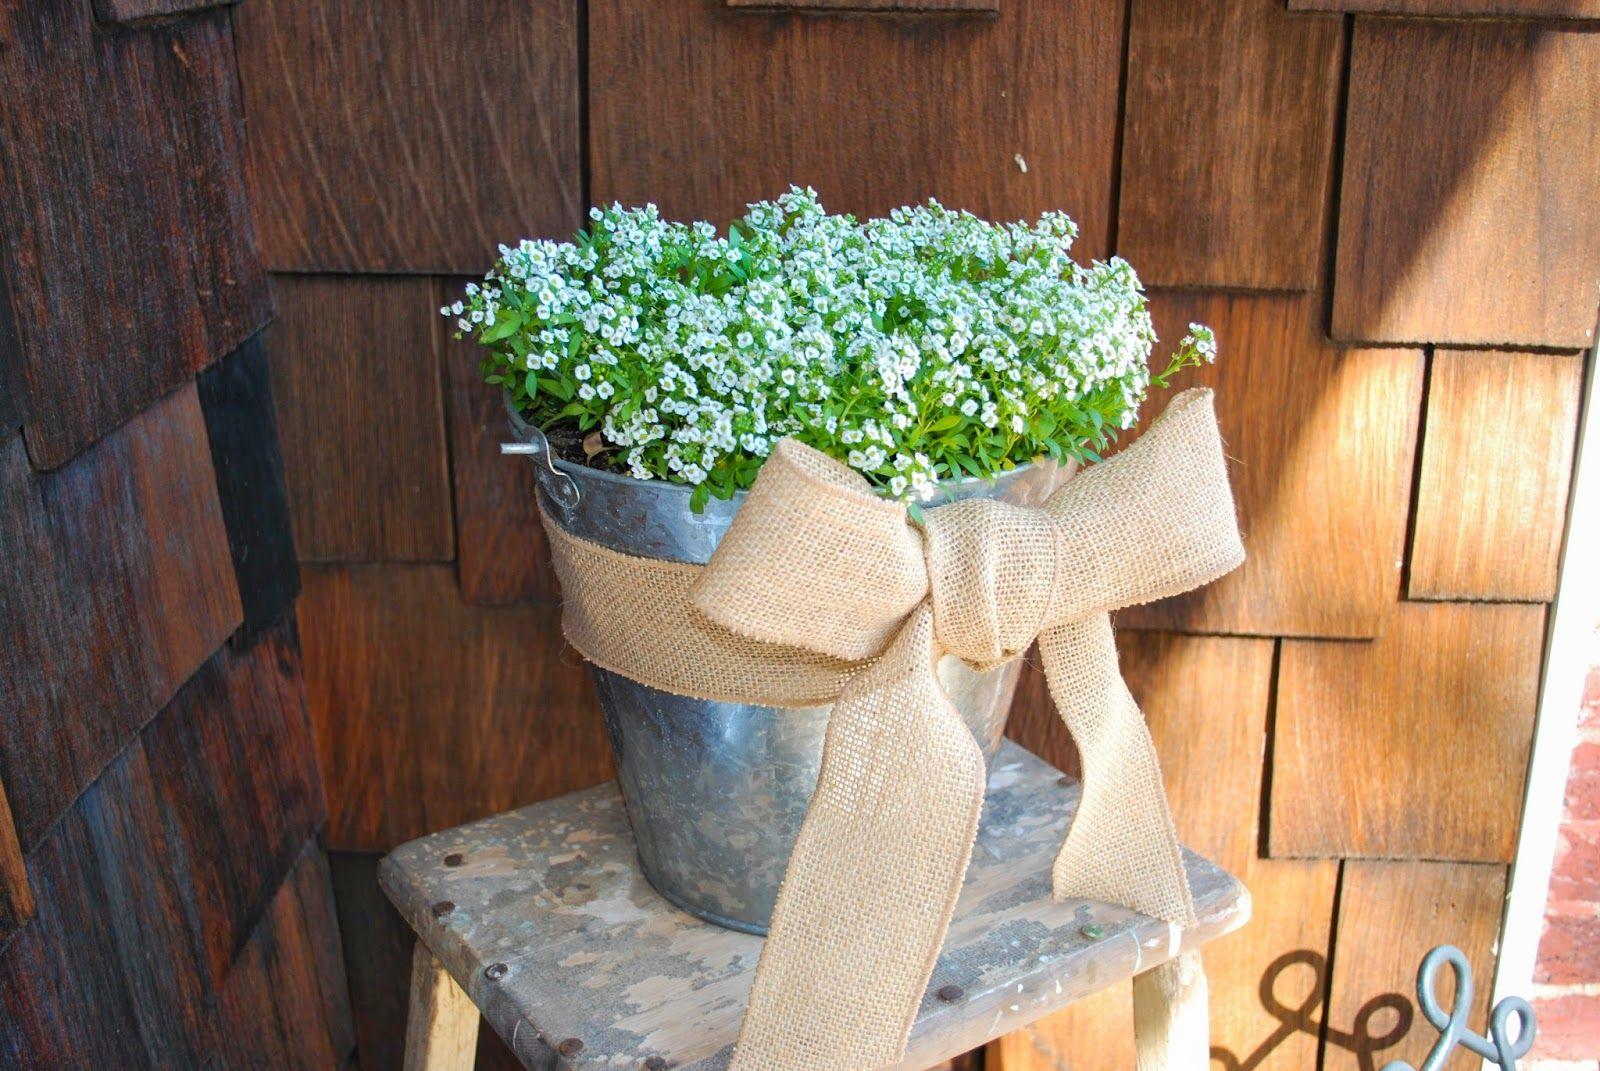 Potted spring flowers diy floral pinterest spring flowers potted spring flowers diy mightylinksfo